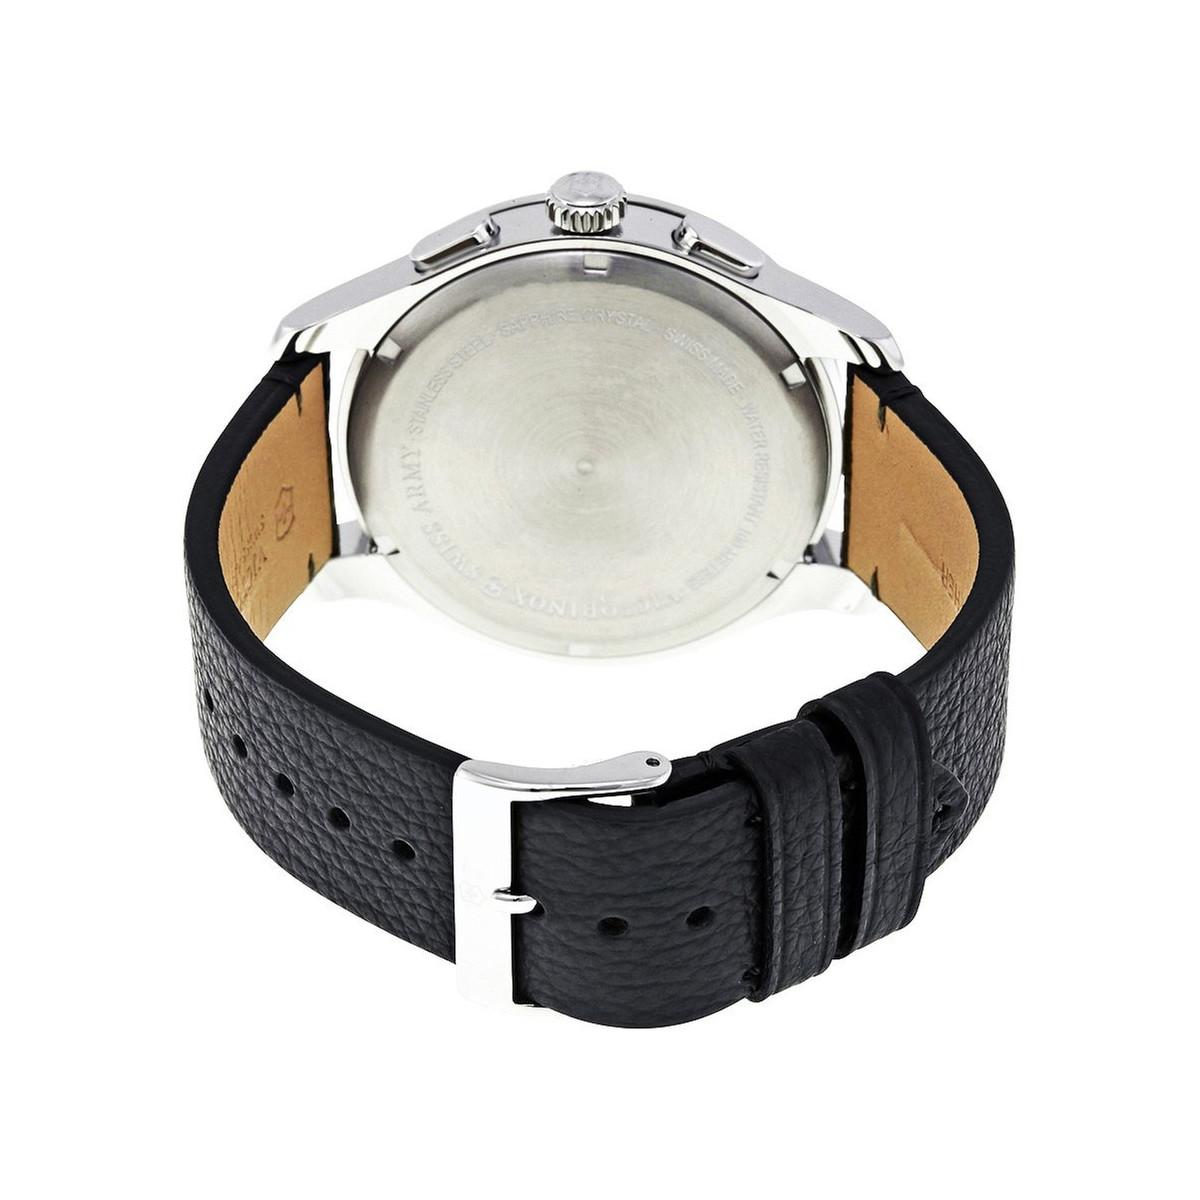 Montre Homme Victorinox ALLIANCE Chronograph, cadran gris, bracelet cuir noir - 44 mm